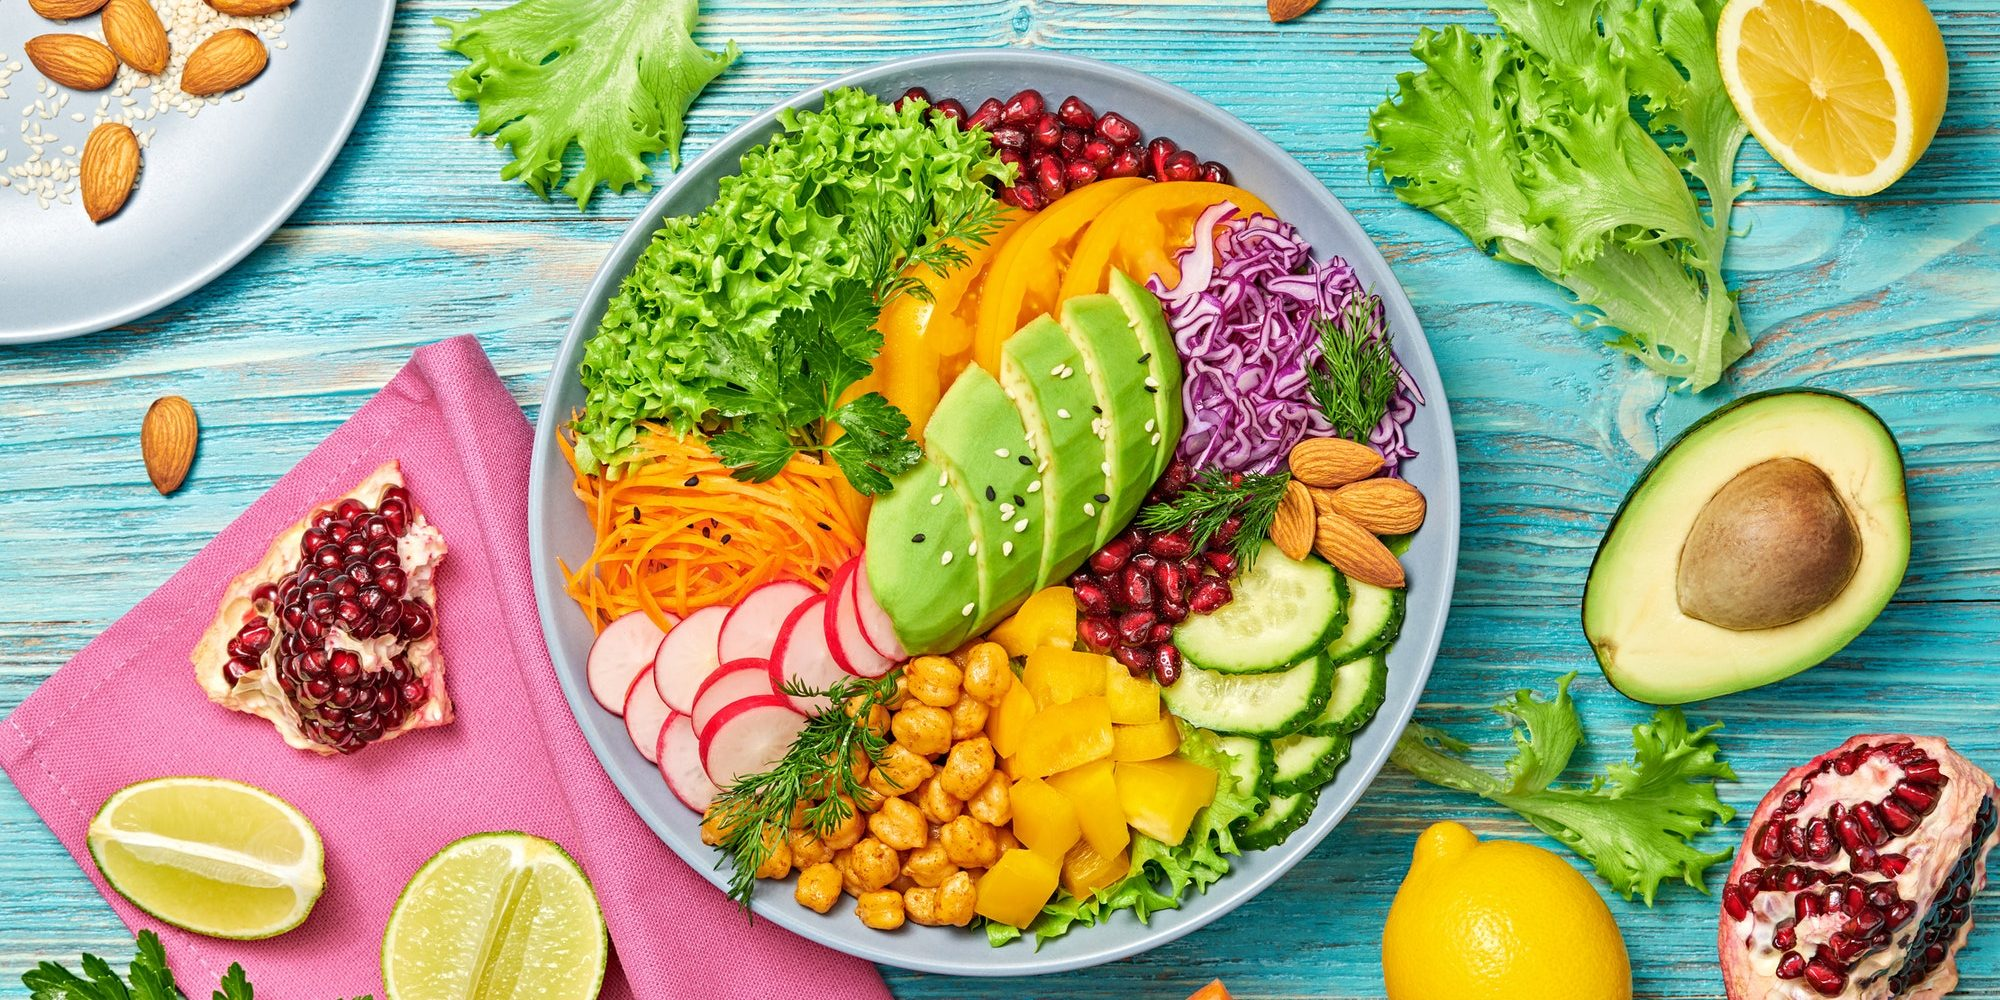 Salad paleo